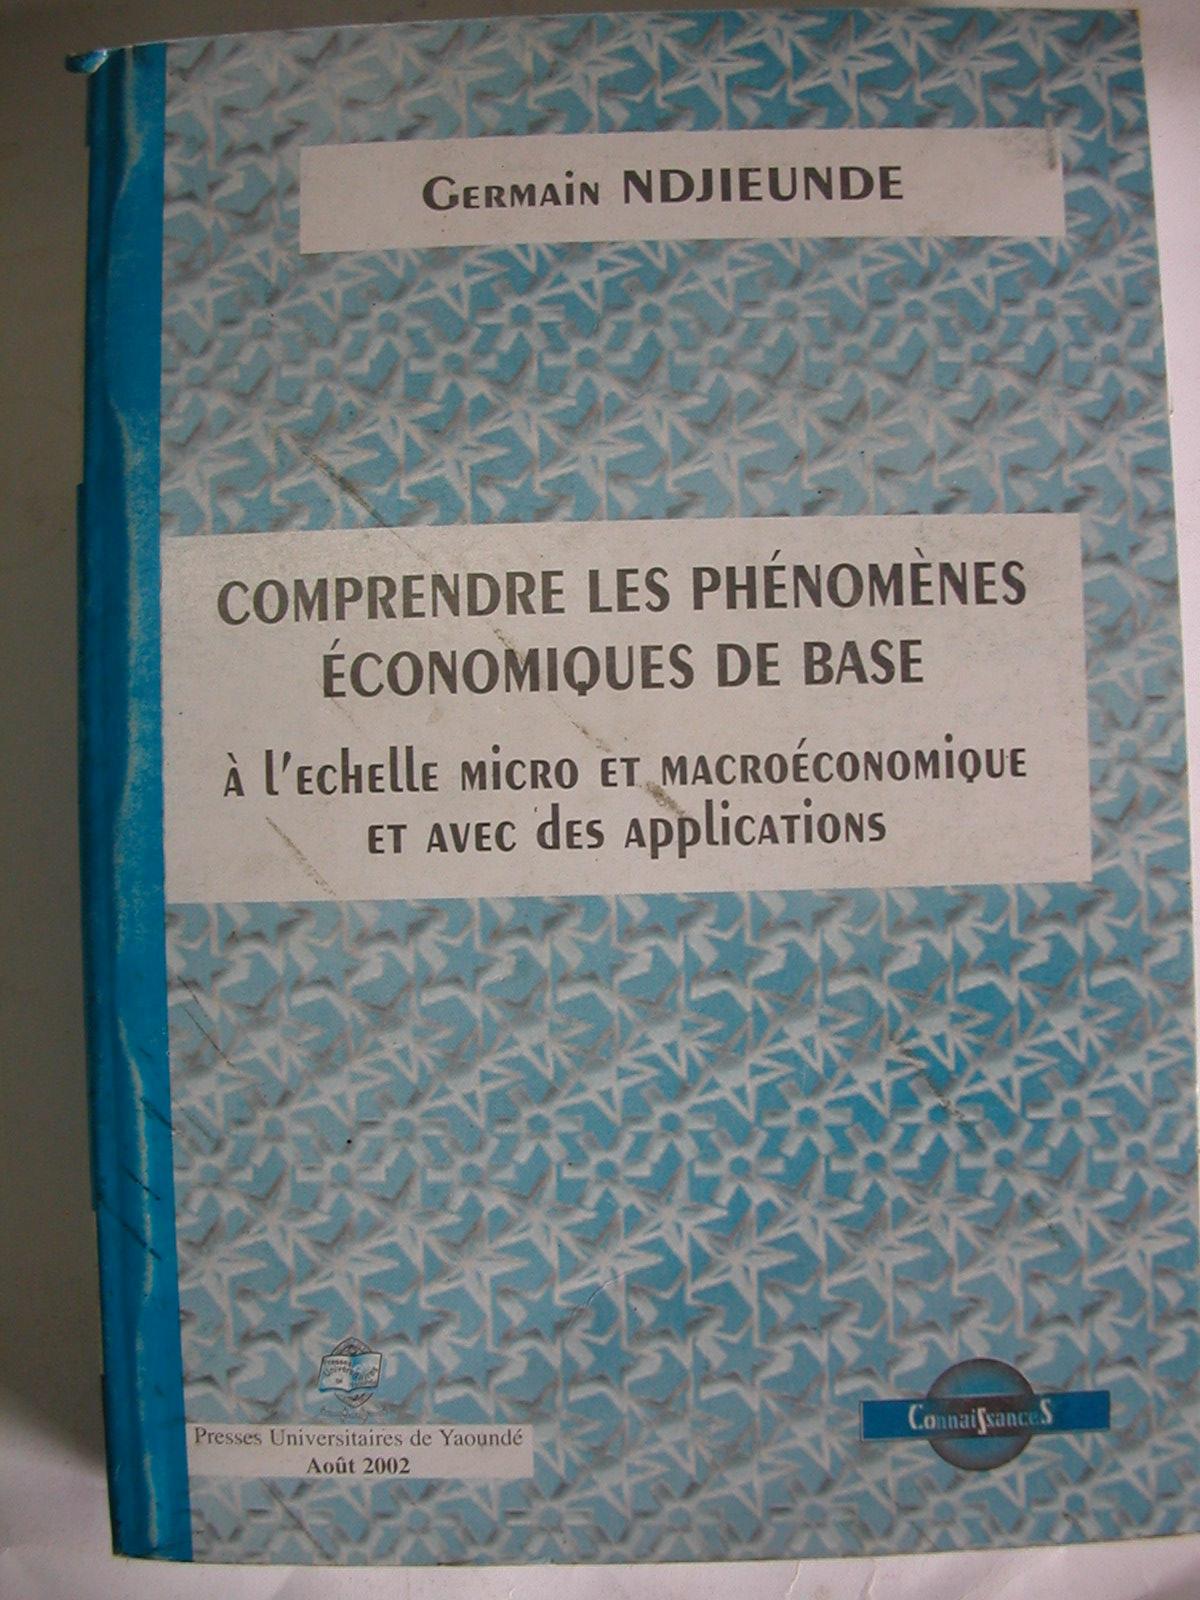 Comprendre les phénomènes économiques de base (2002)1